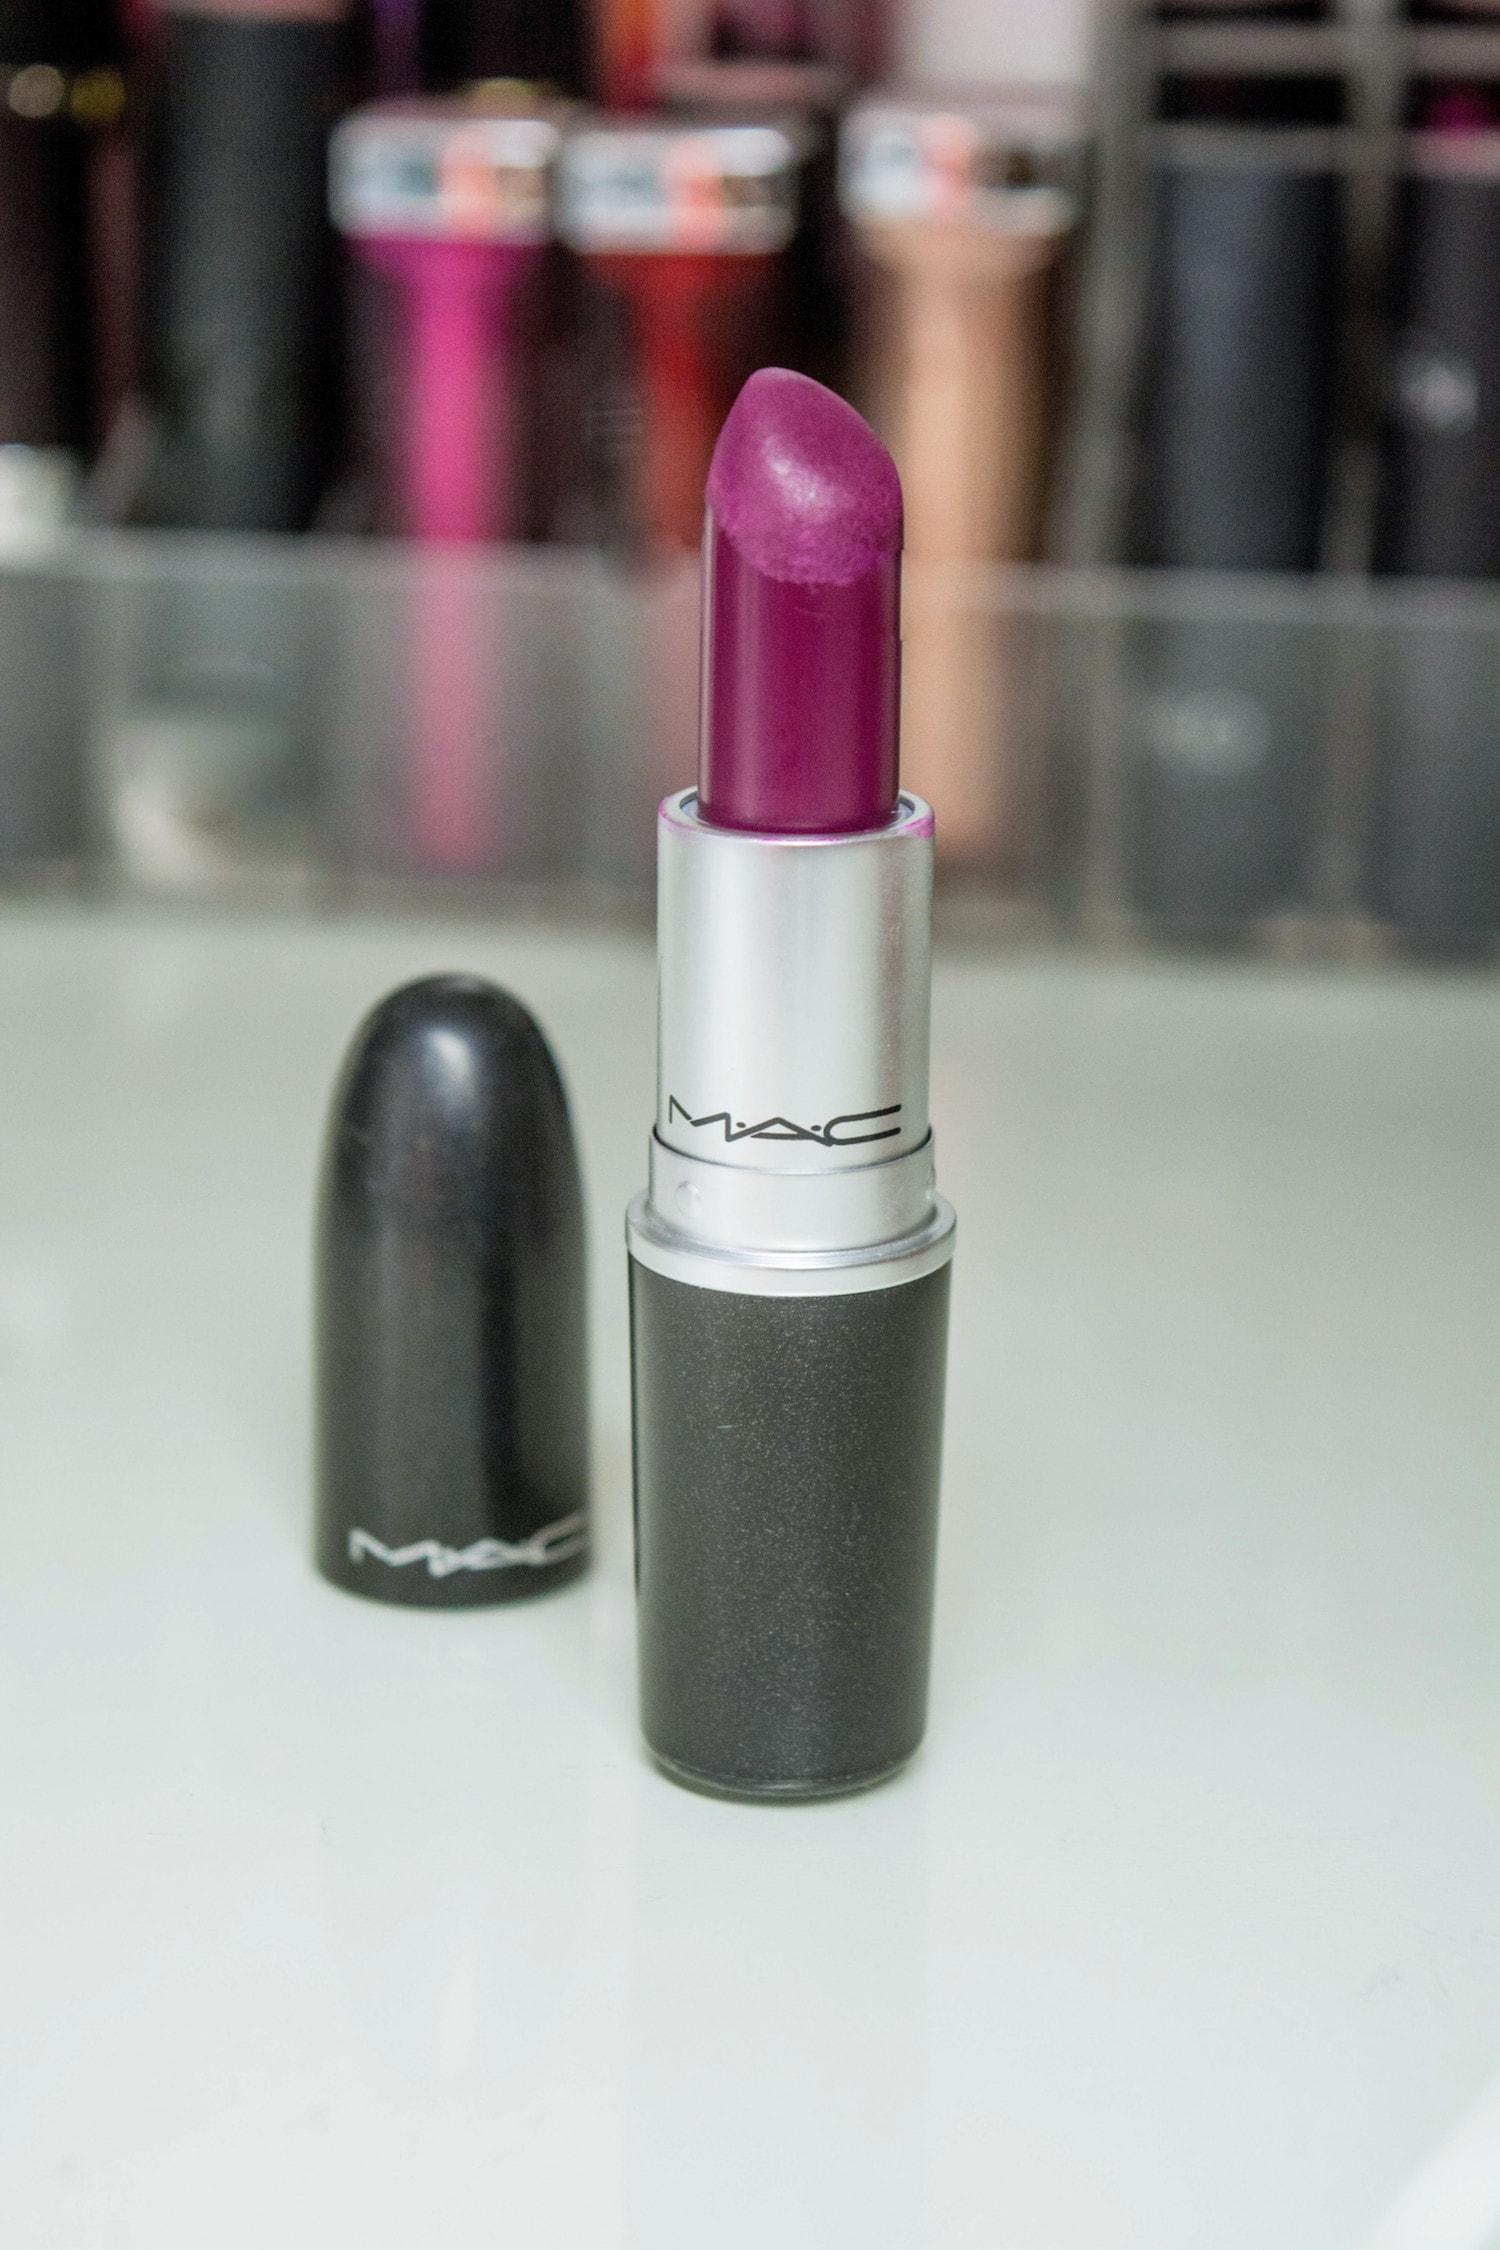 Rouge à lèvres rebelle Mac Cosmetics : Mes 5 rouges à lèvres préférés pour cet hiver 2019 - happinesscoco.com